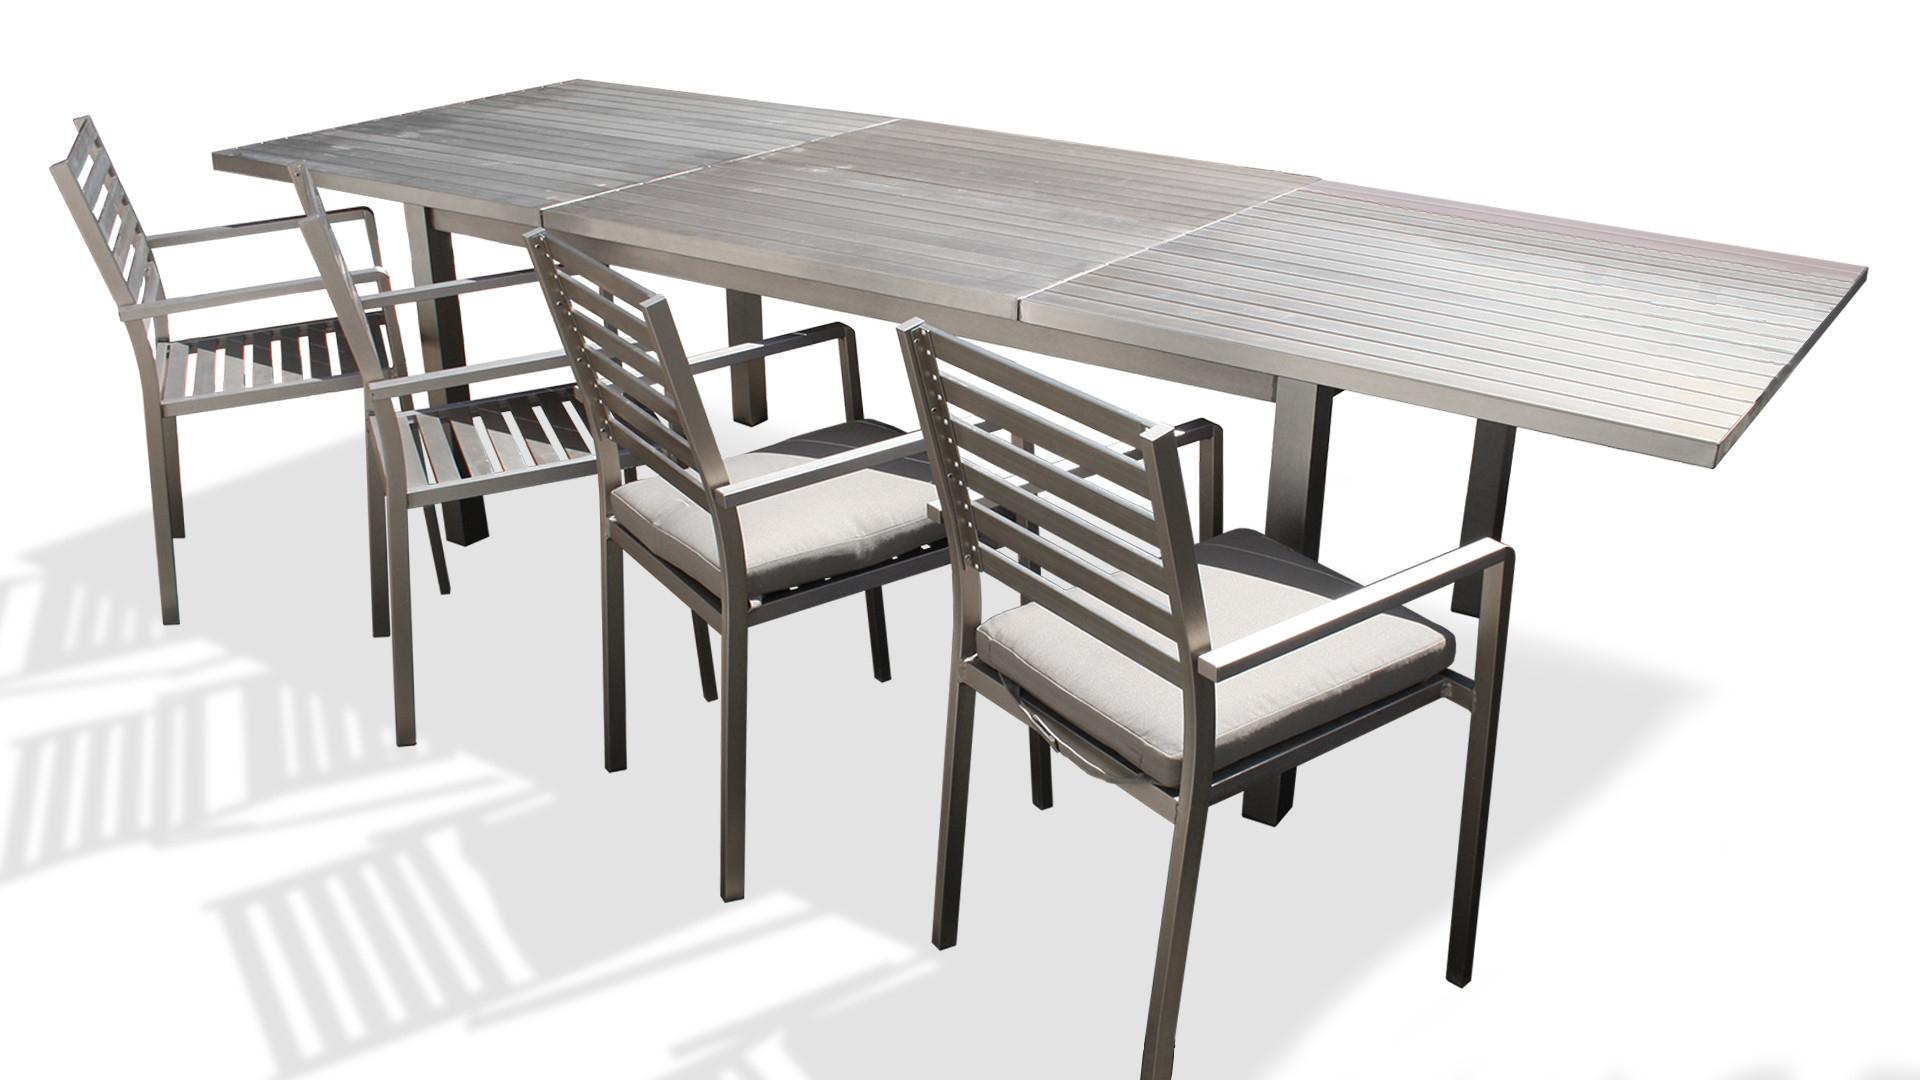 Lino sol Bricomarche Élégant Photos Table De Jardin Bri Arché Aussi Charmant Meilleur De De Table De